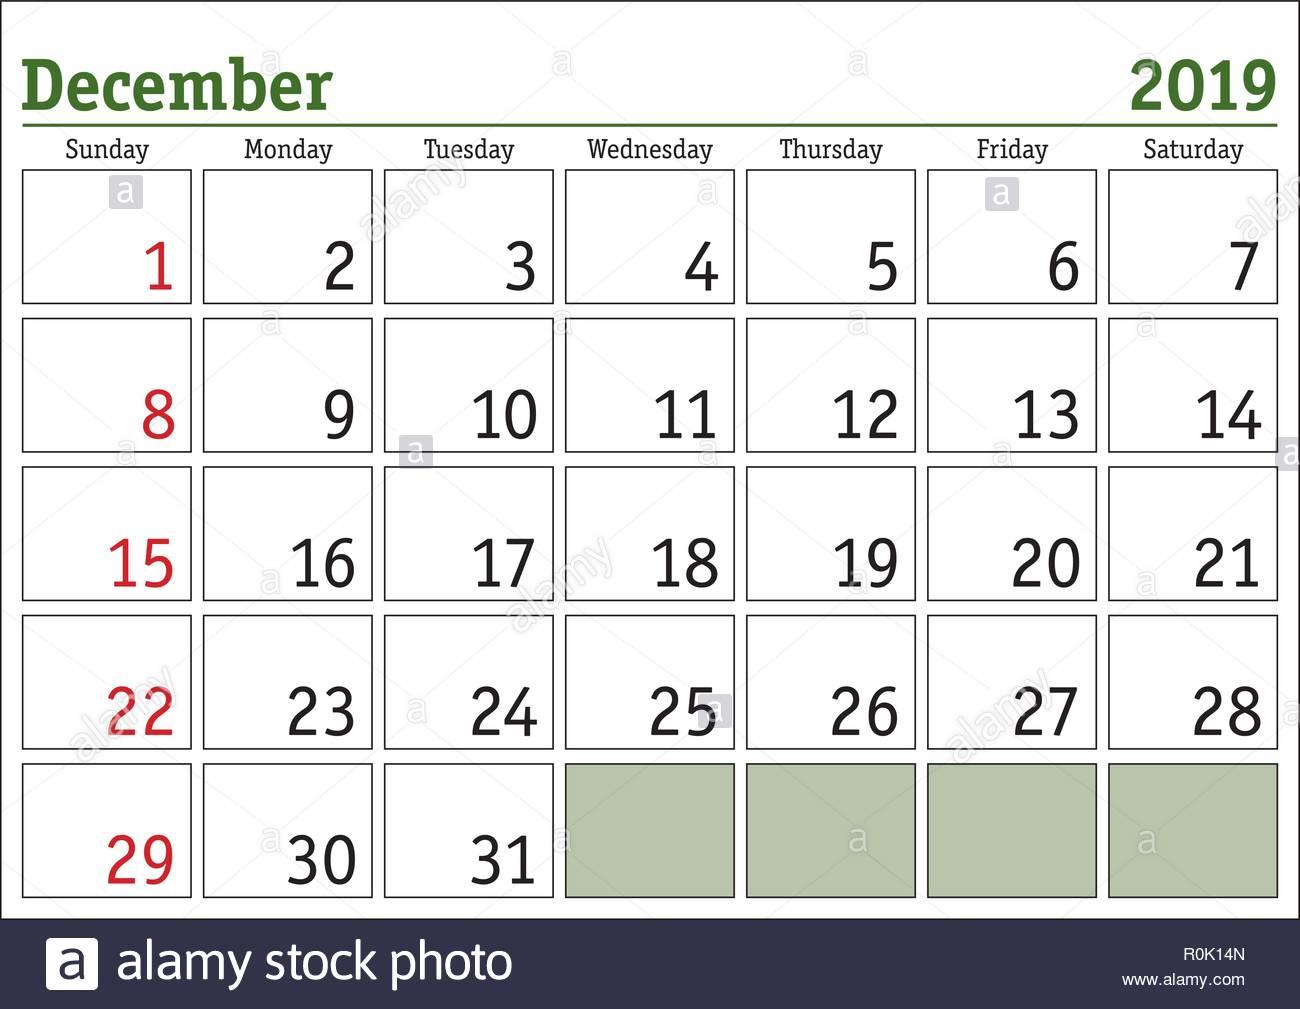 Calendario Dicembre 2019 Stampabile.Semplice Digitale Calendario Per Il Mese Di Dicembre 2019